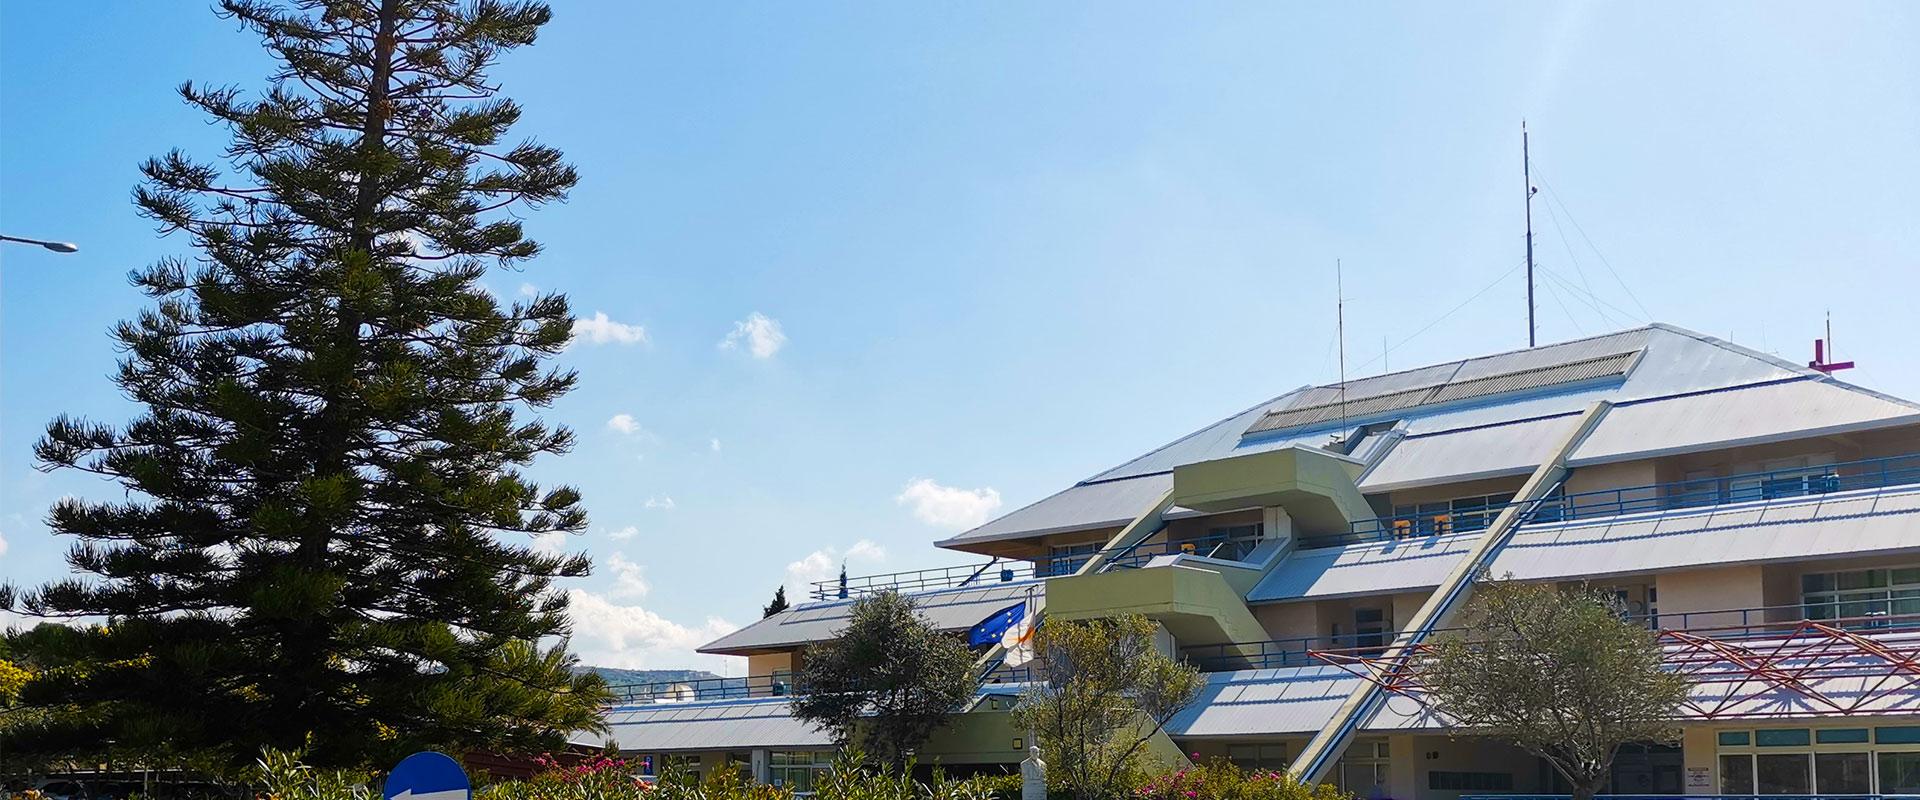 Γενικό Νοσοκομείο Πάφου